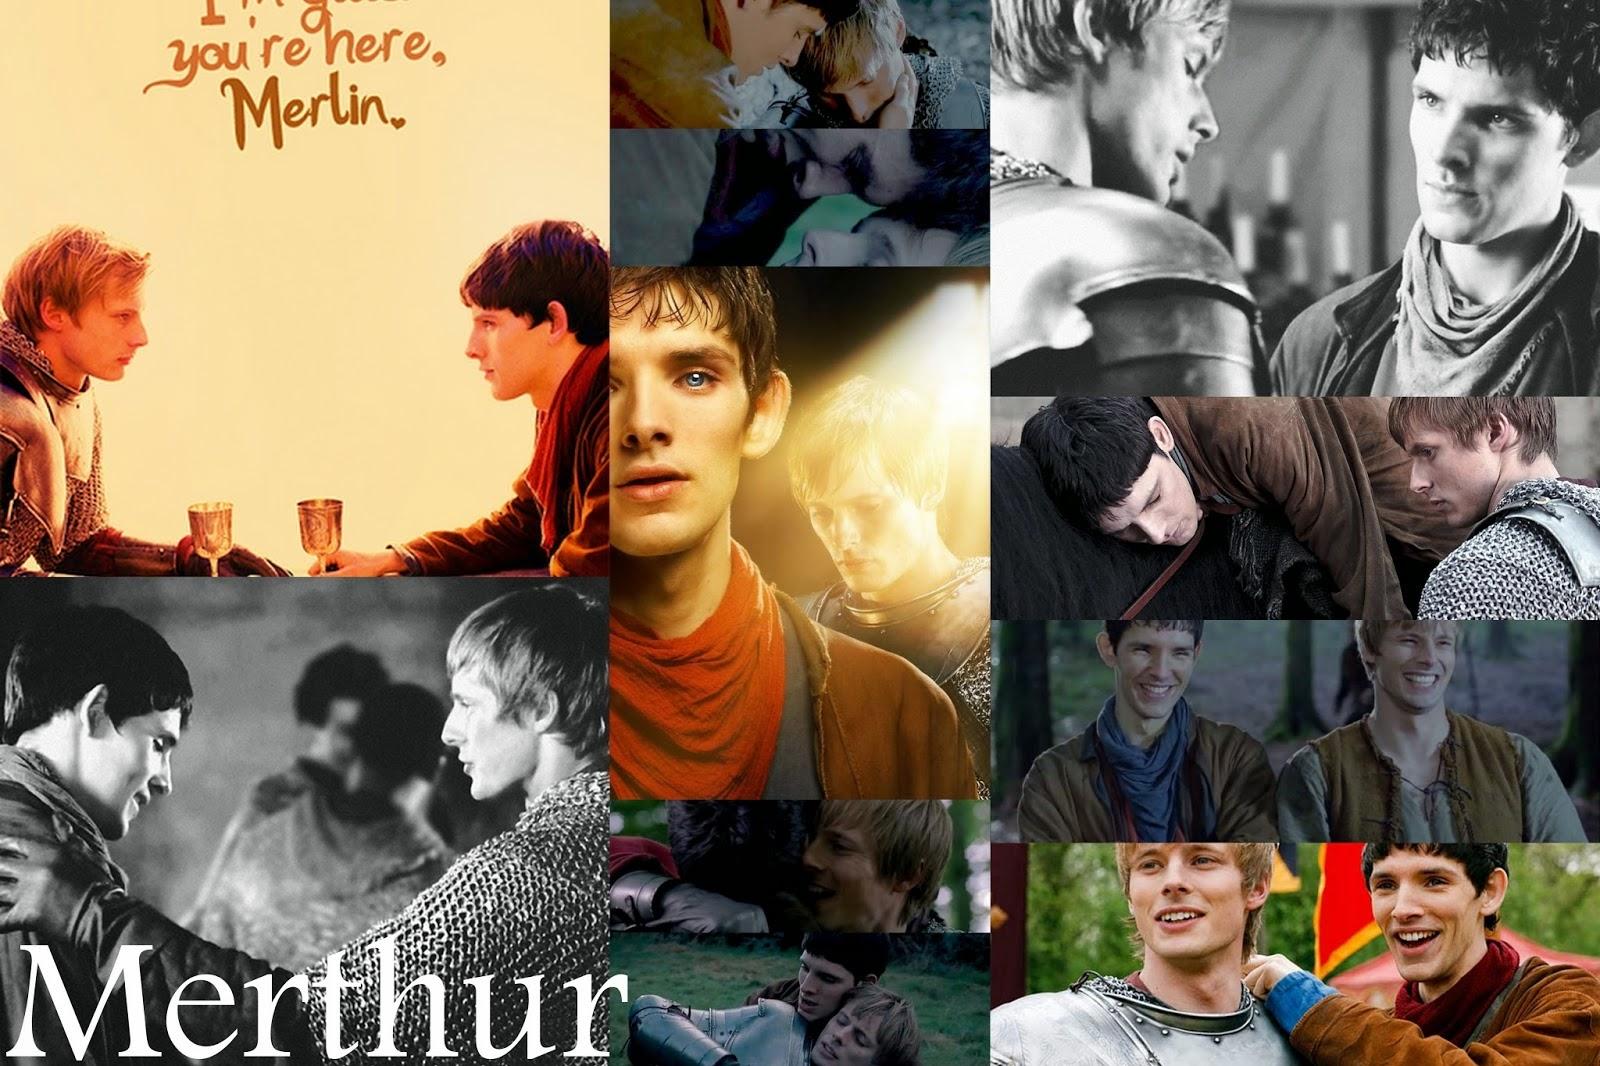 Merthur (Merlin és Arthur)